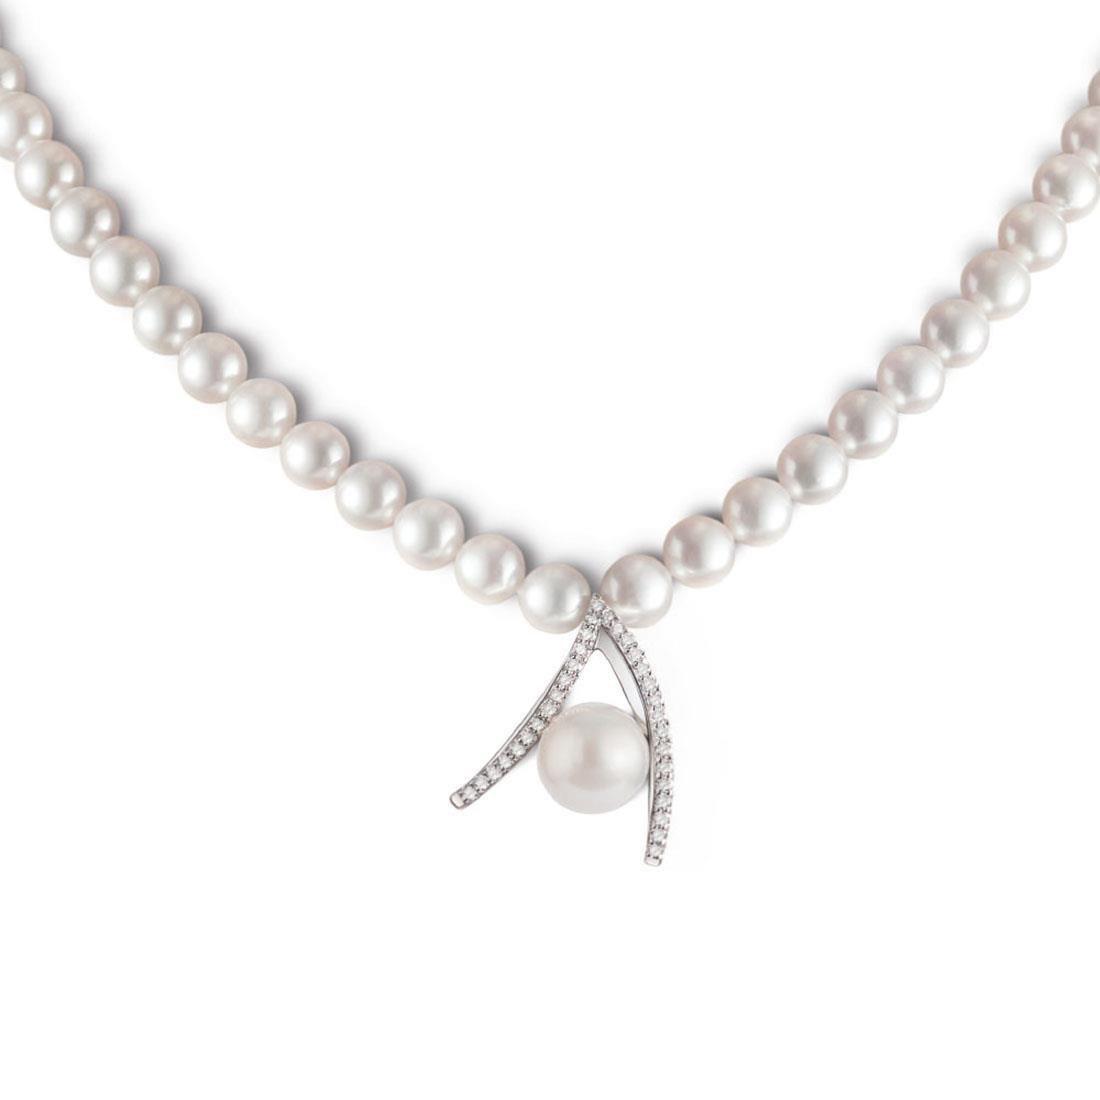 Collana di perle Akoya - ALFIERI & ST. JOHN